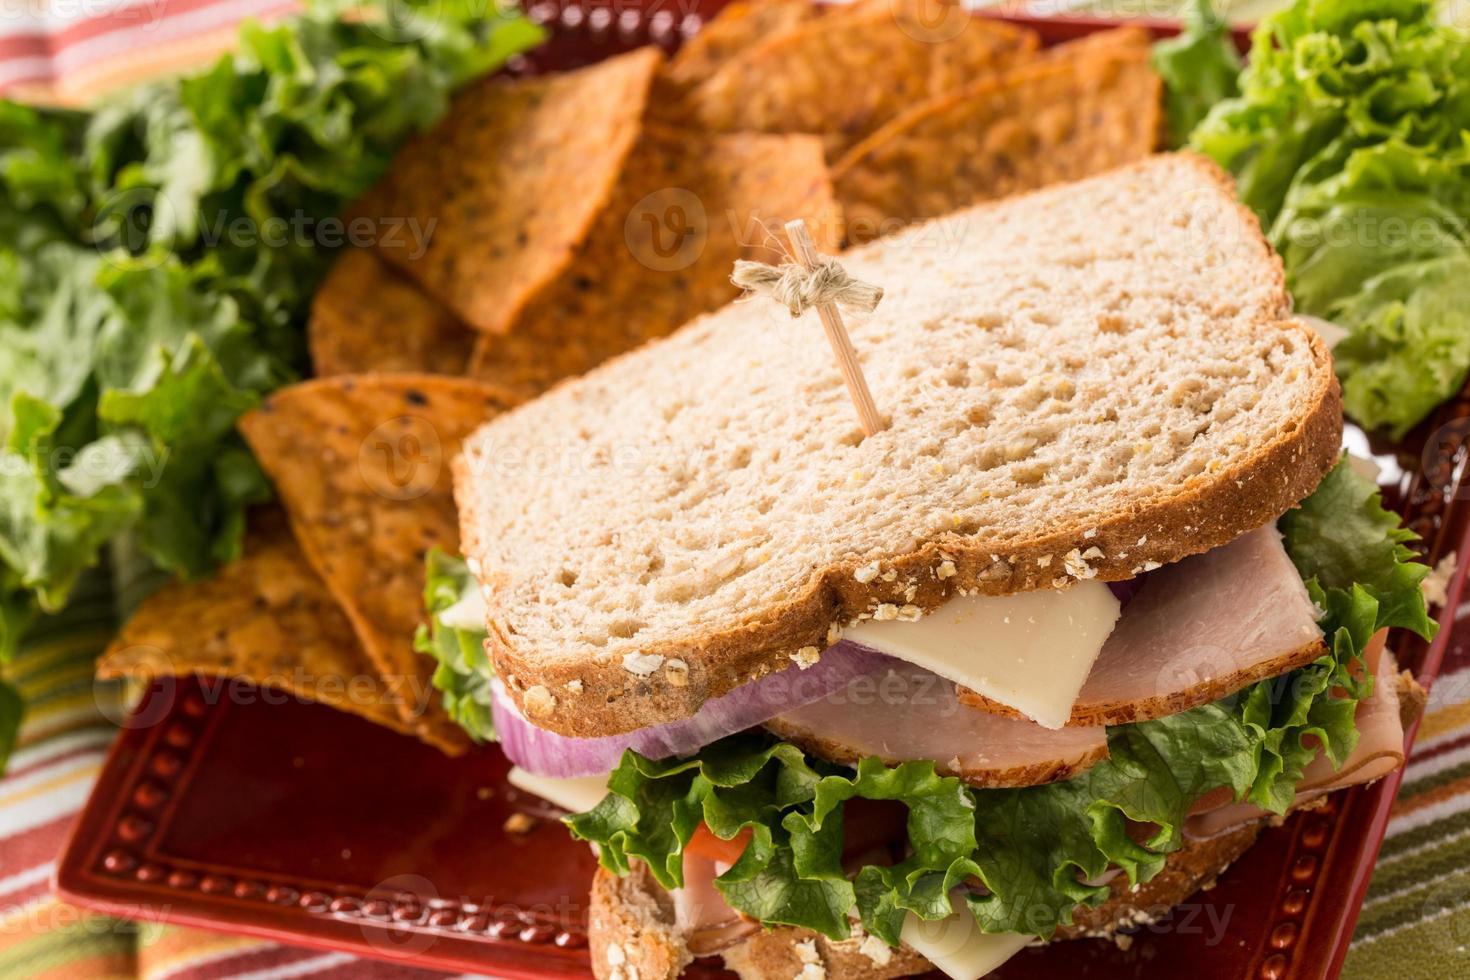 delicioso almuerzo saludable sándwich pavo jamón y lechuga foto